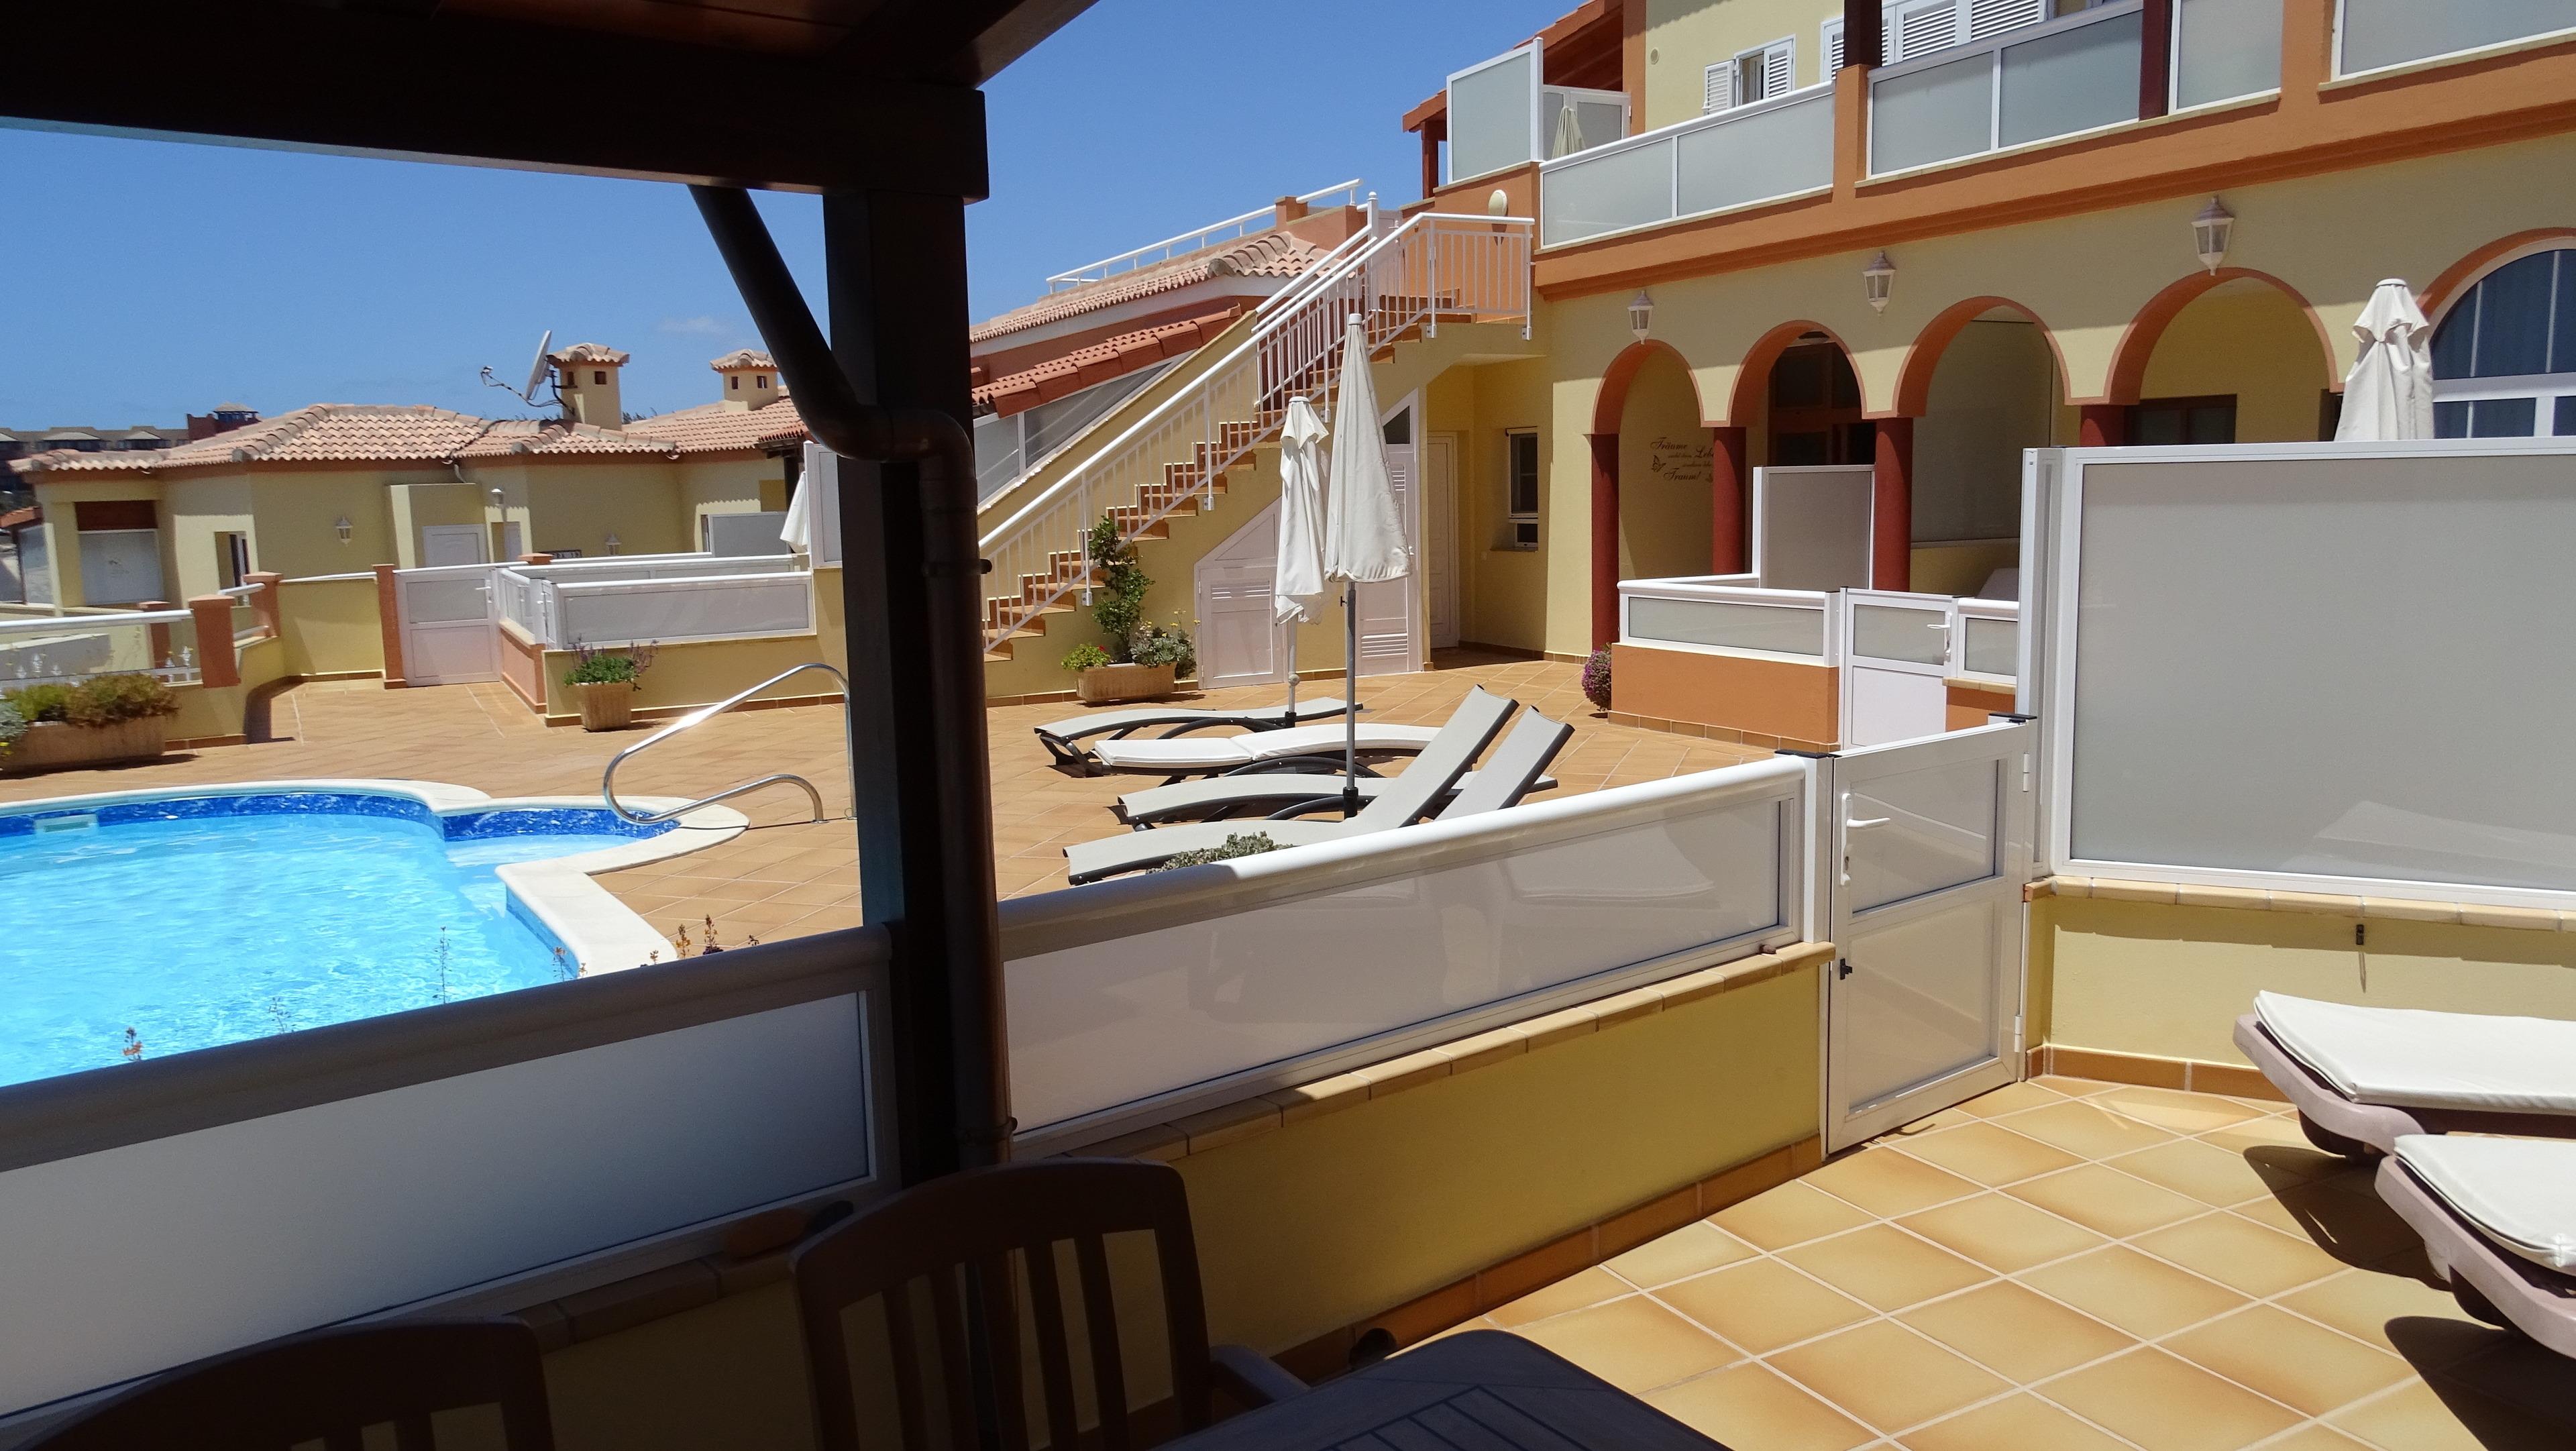 Ferienwohnung Ultra Tres 20 (2626372), Costa Calma, Fuerteventura, Kanarische Inseln, Spanien, Bild 7